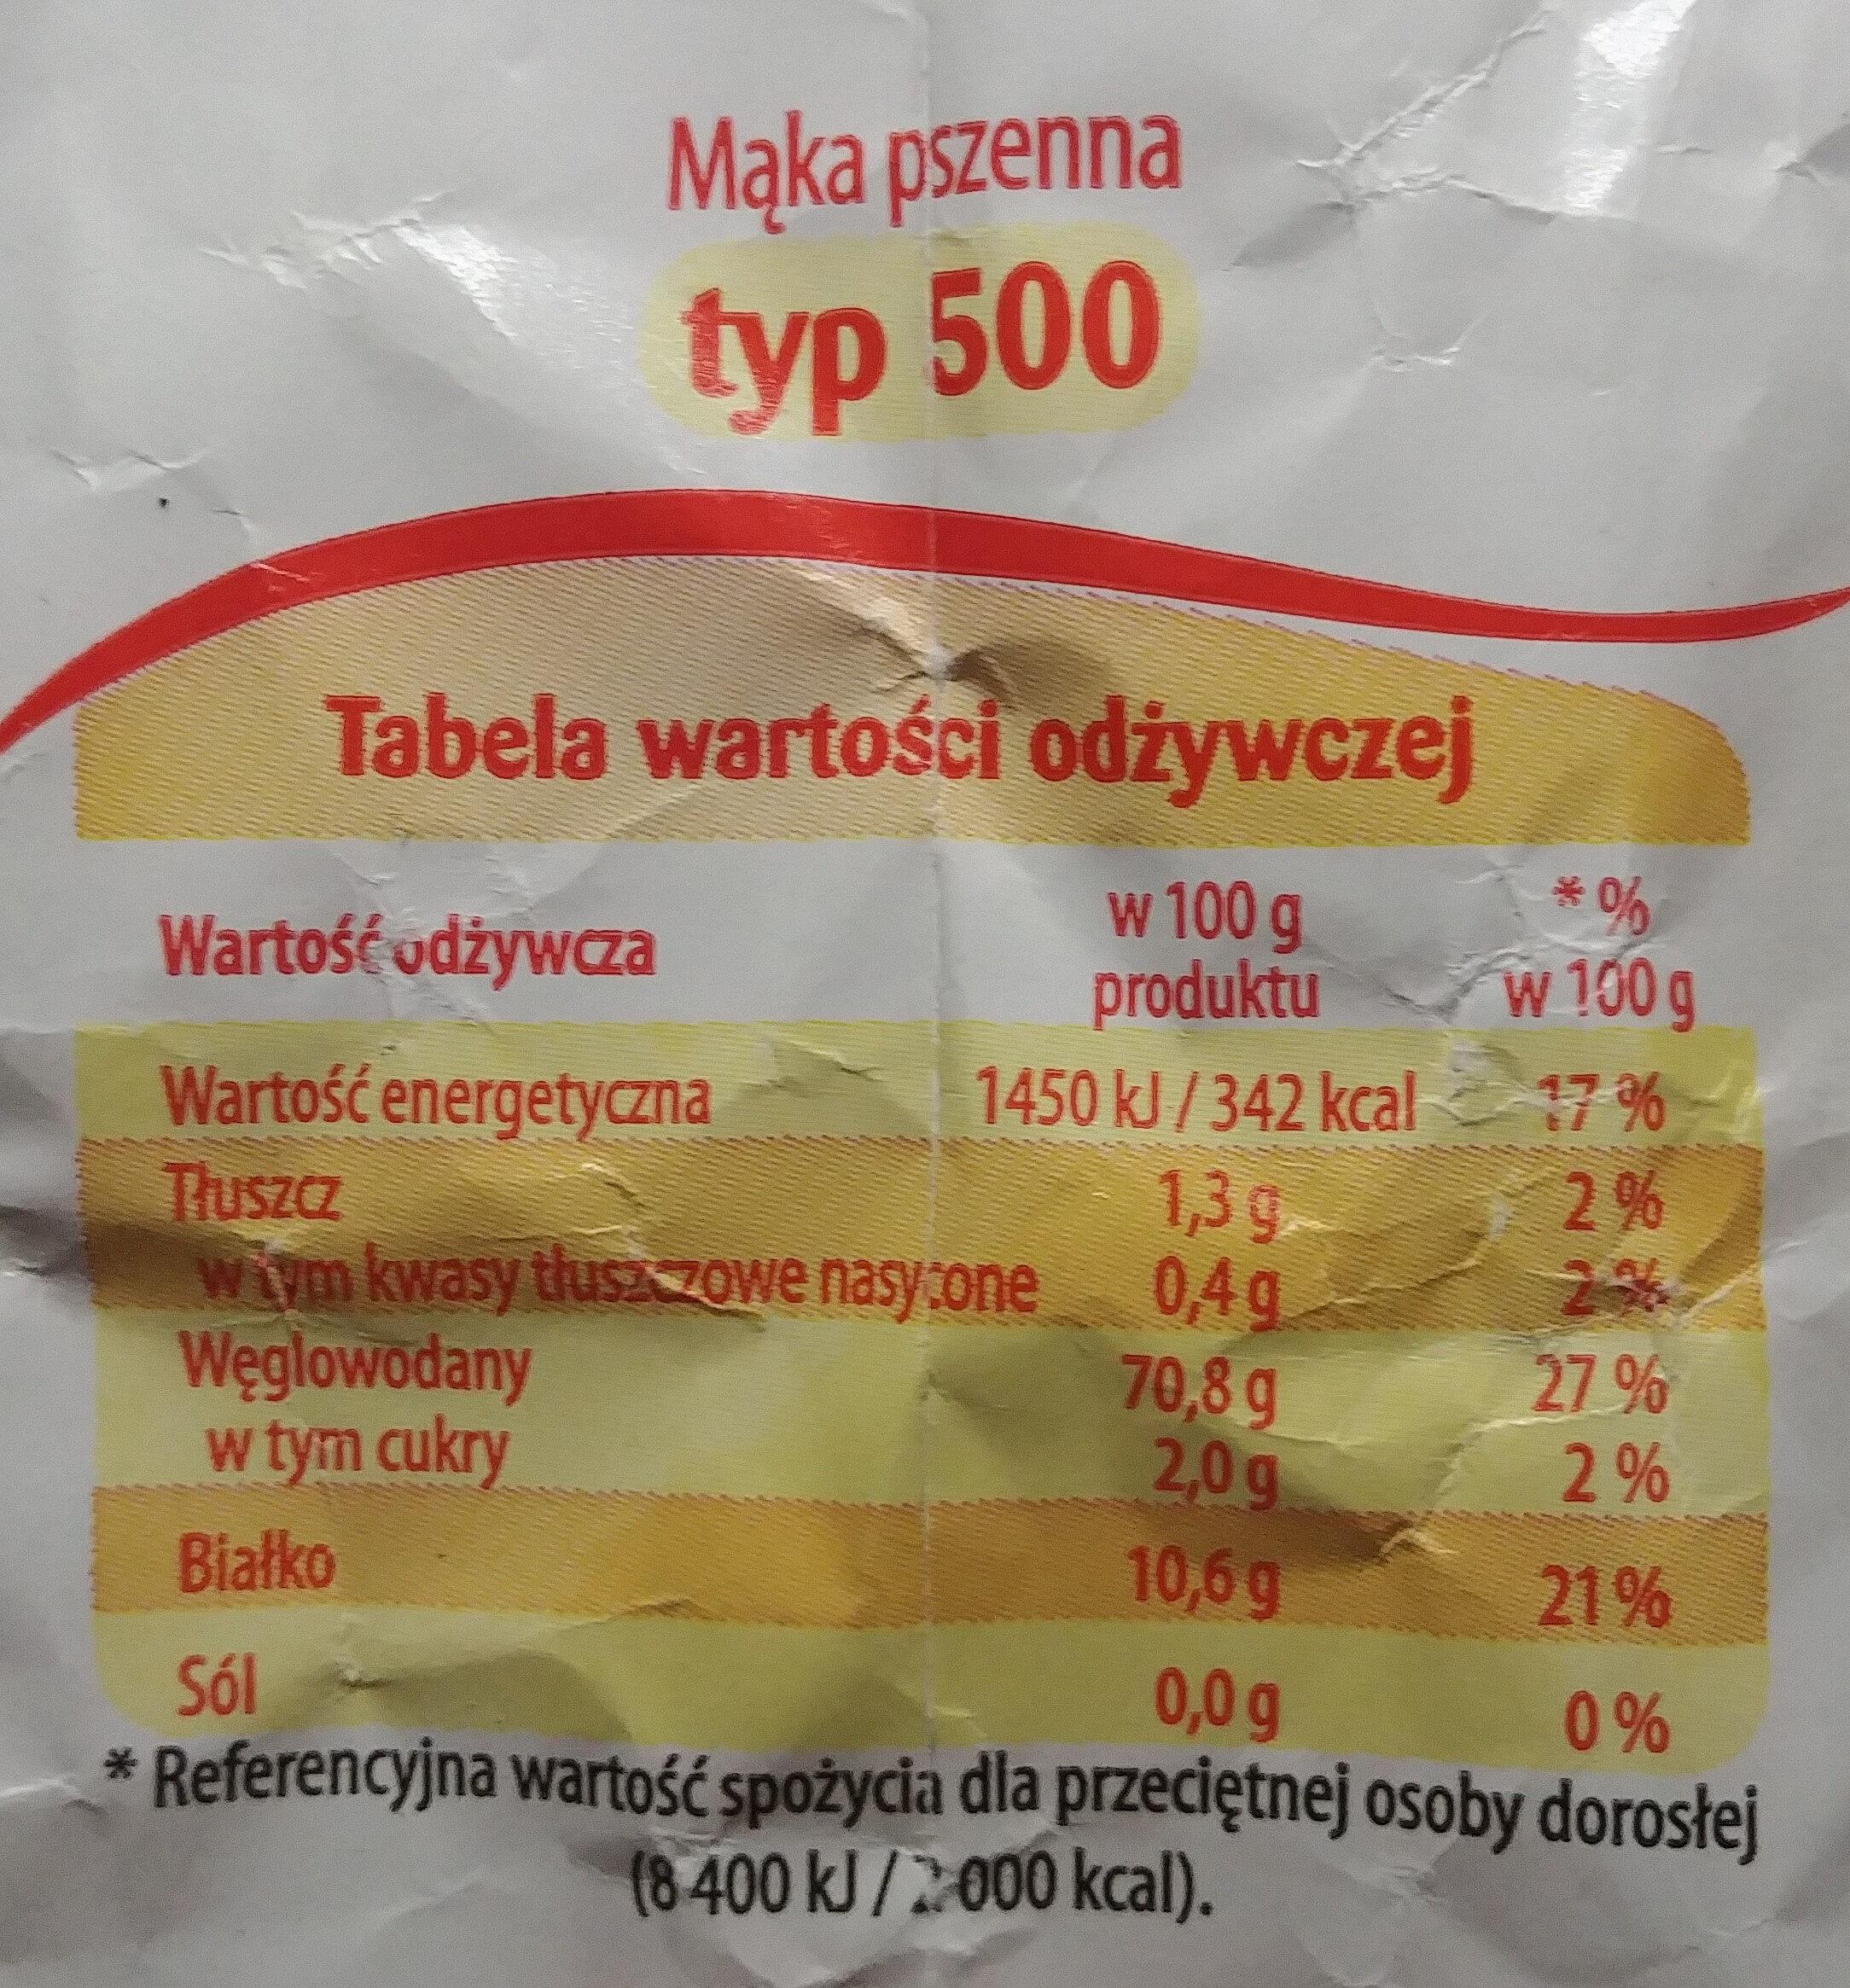 Basia mąka wrocławska - Wartości odżywcze - pl